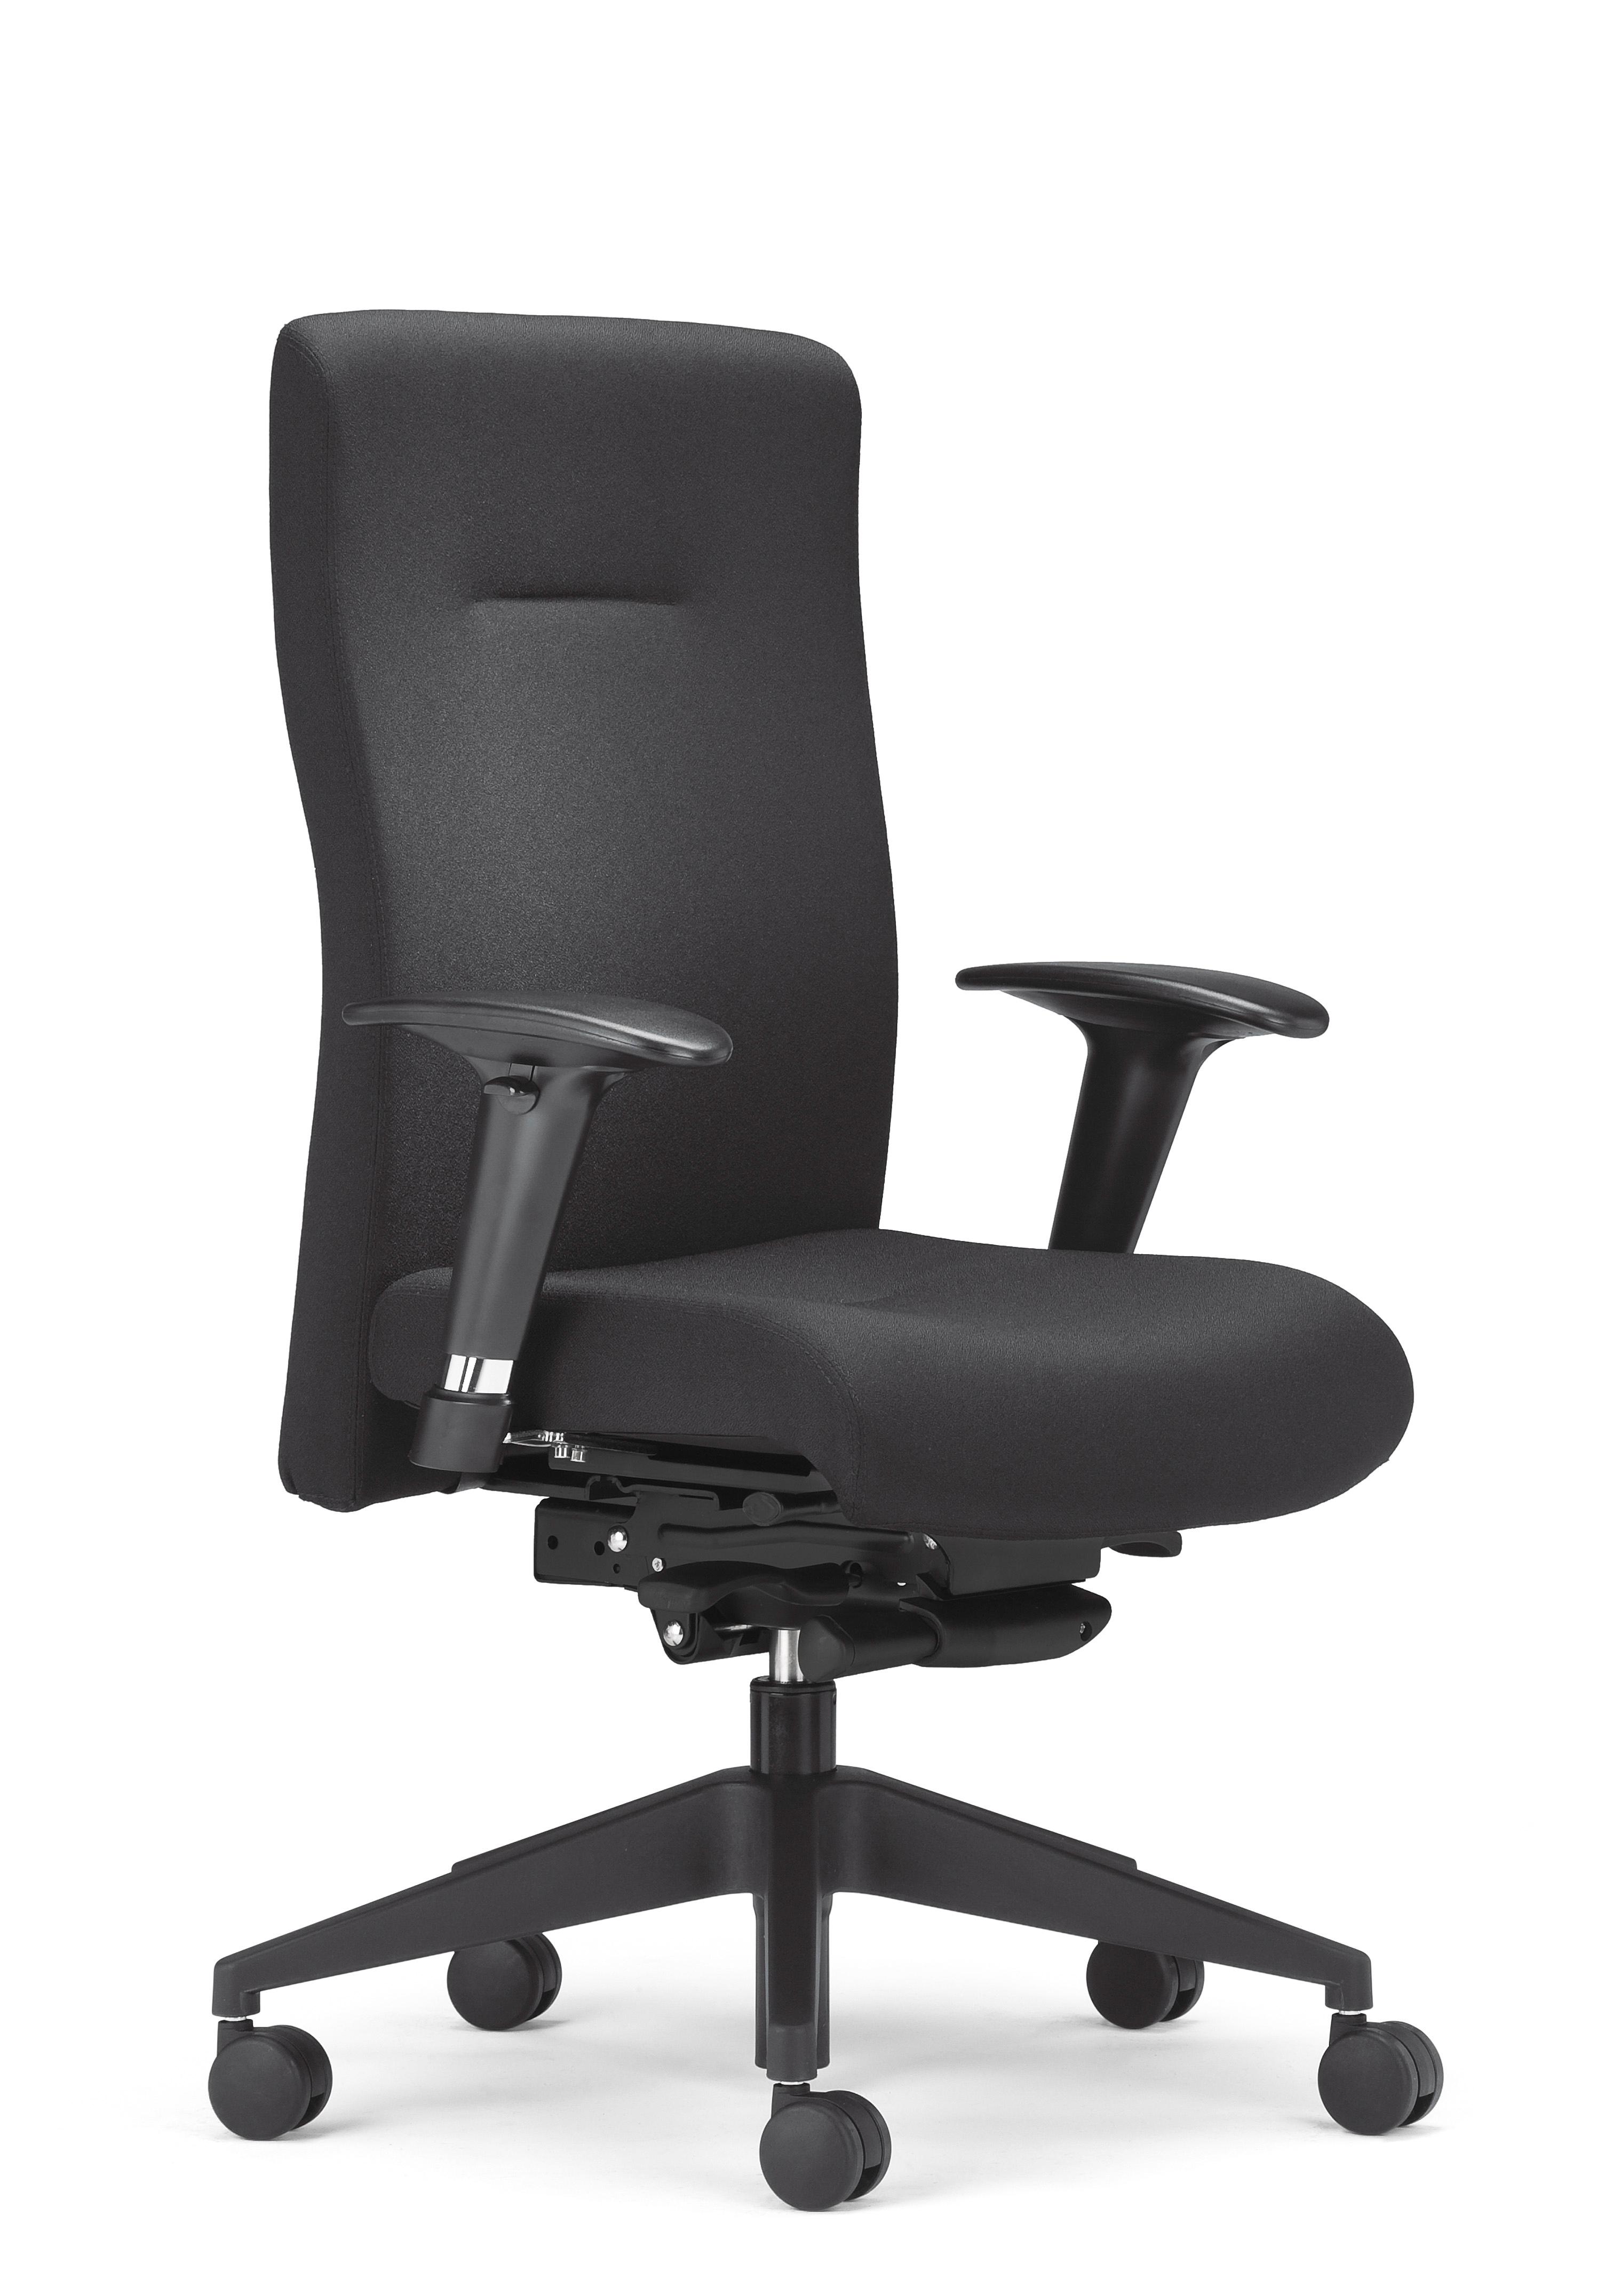 Rovo Chair Xp 4015 S1 Air Plus Im Schnell Lieferprogramm Art